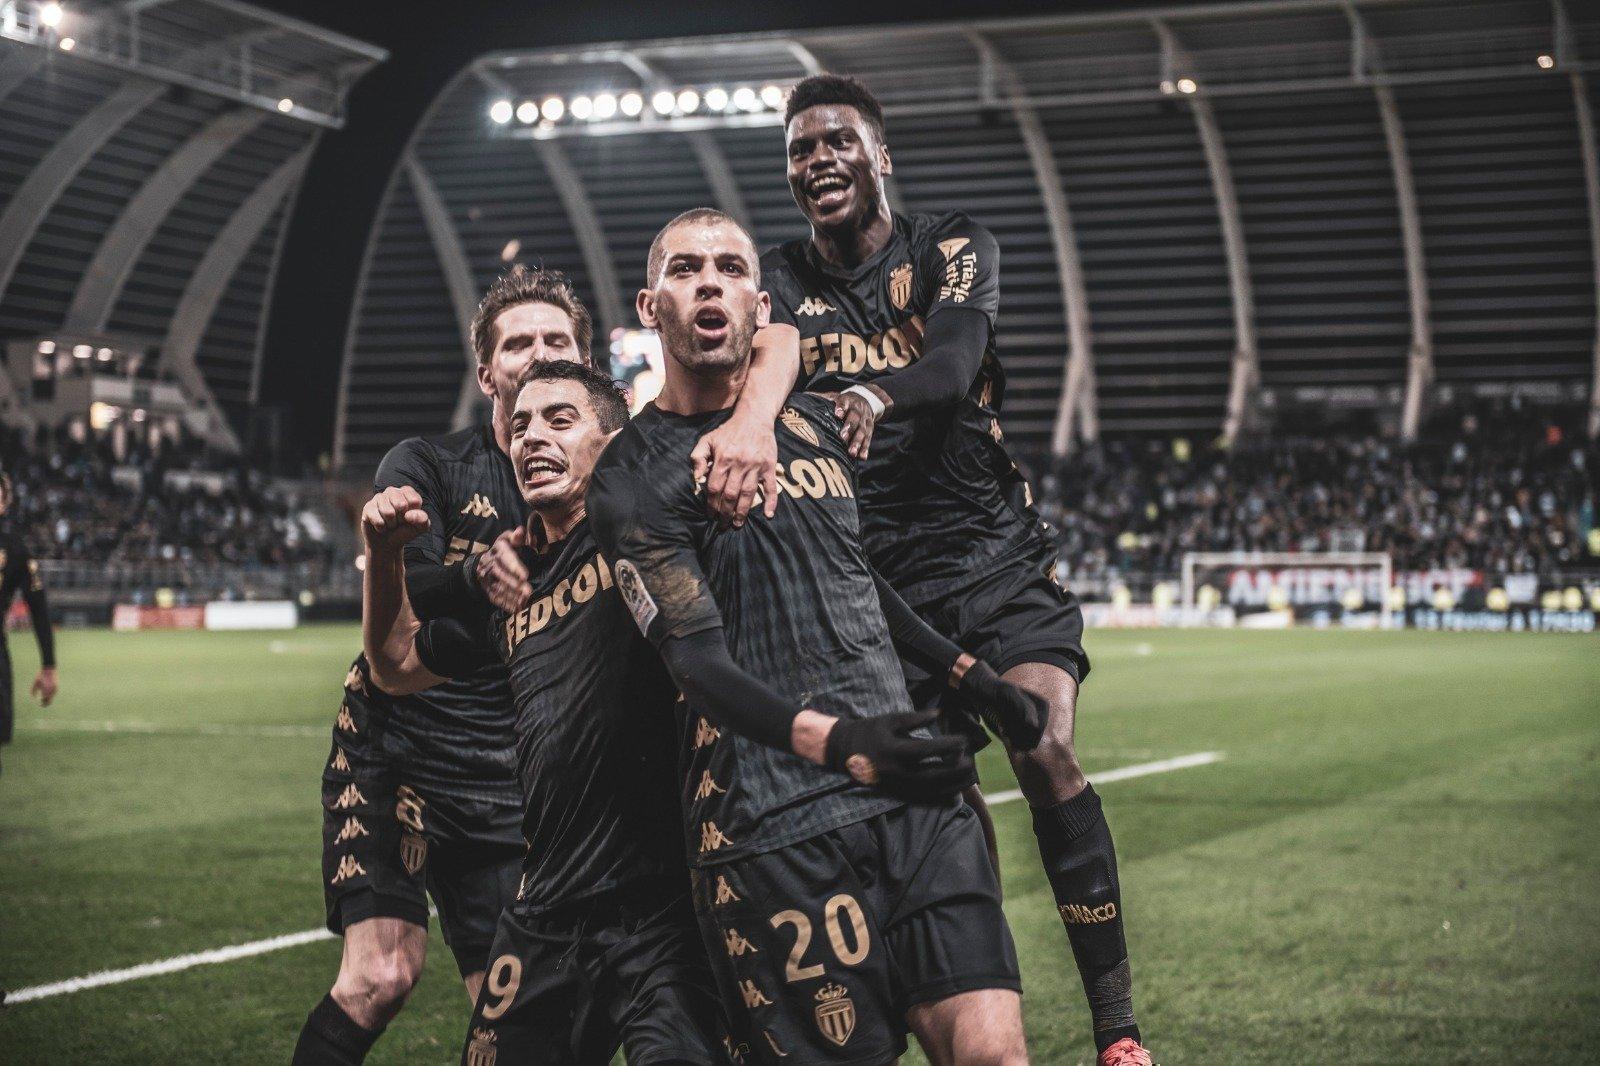 ФранцузскаЯ футбольнаЯ команда амьен